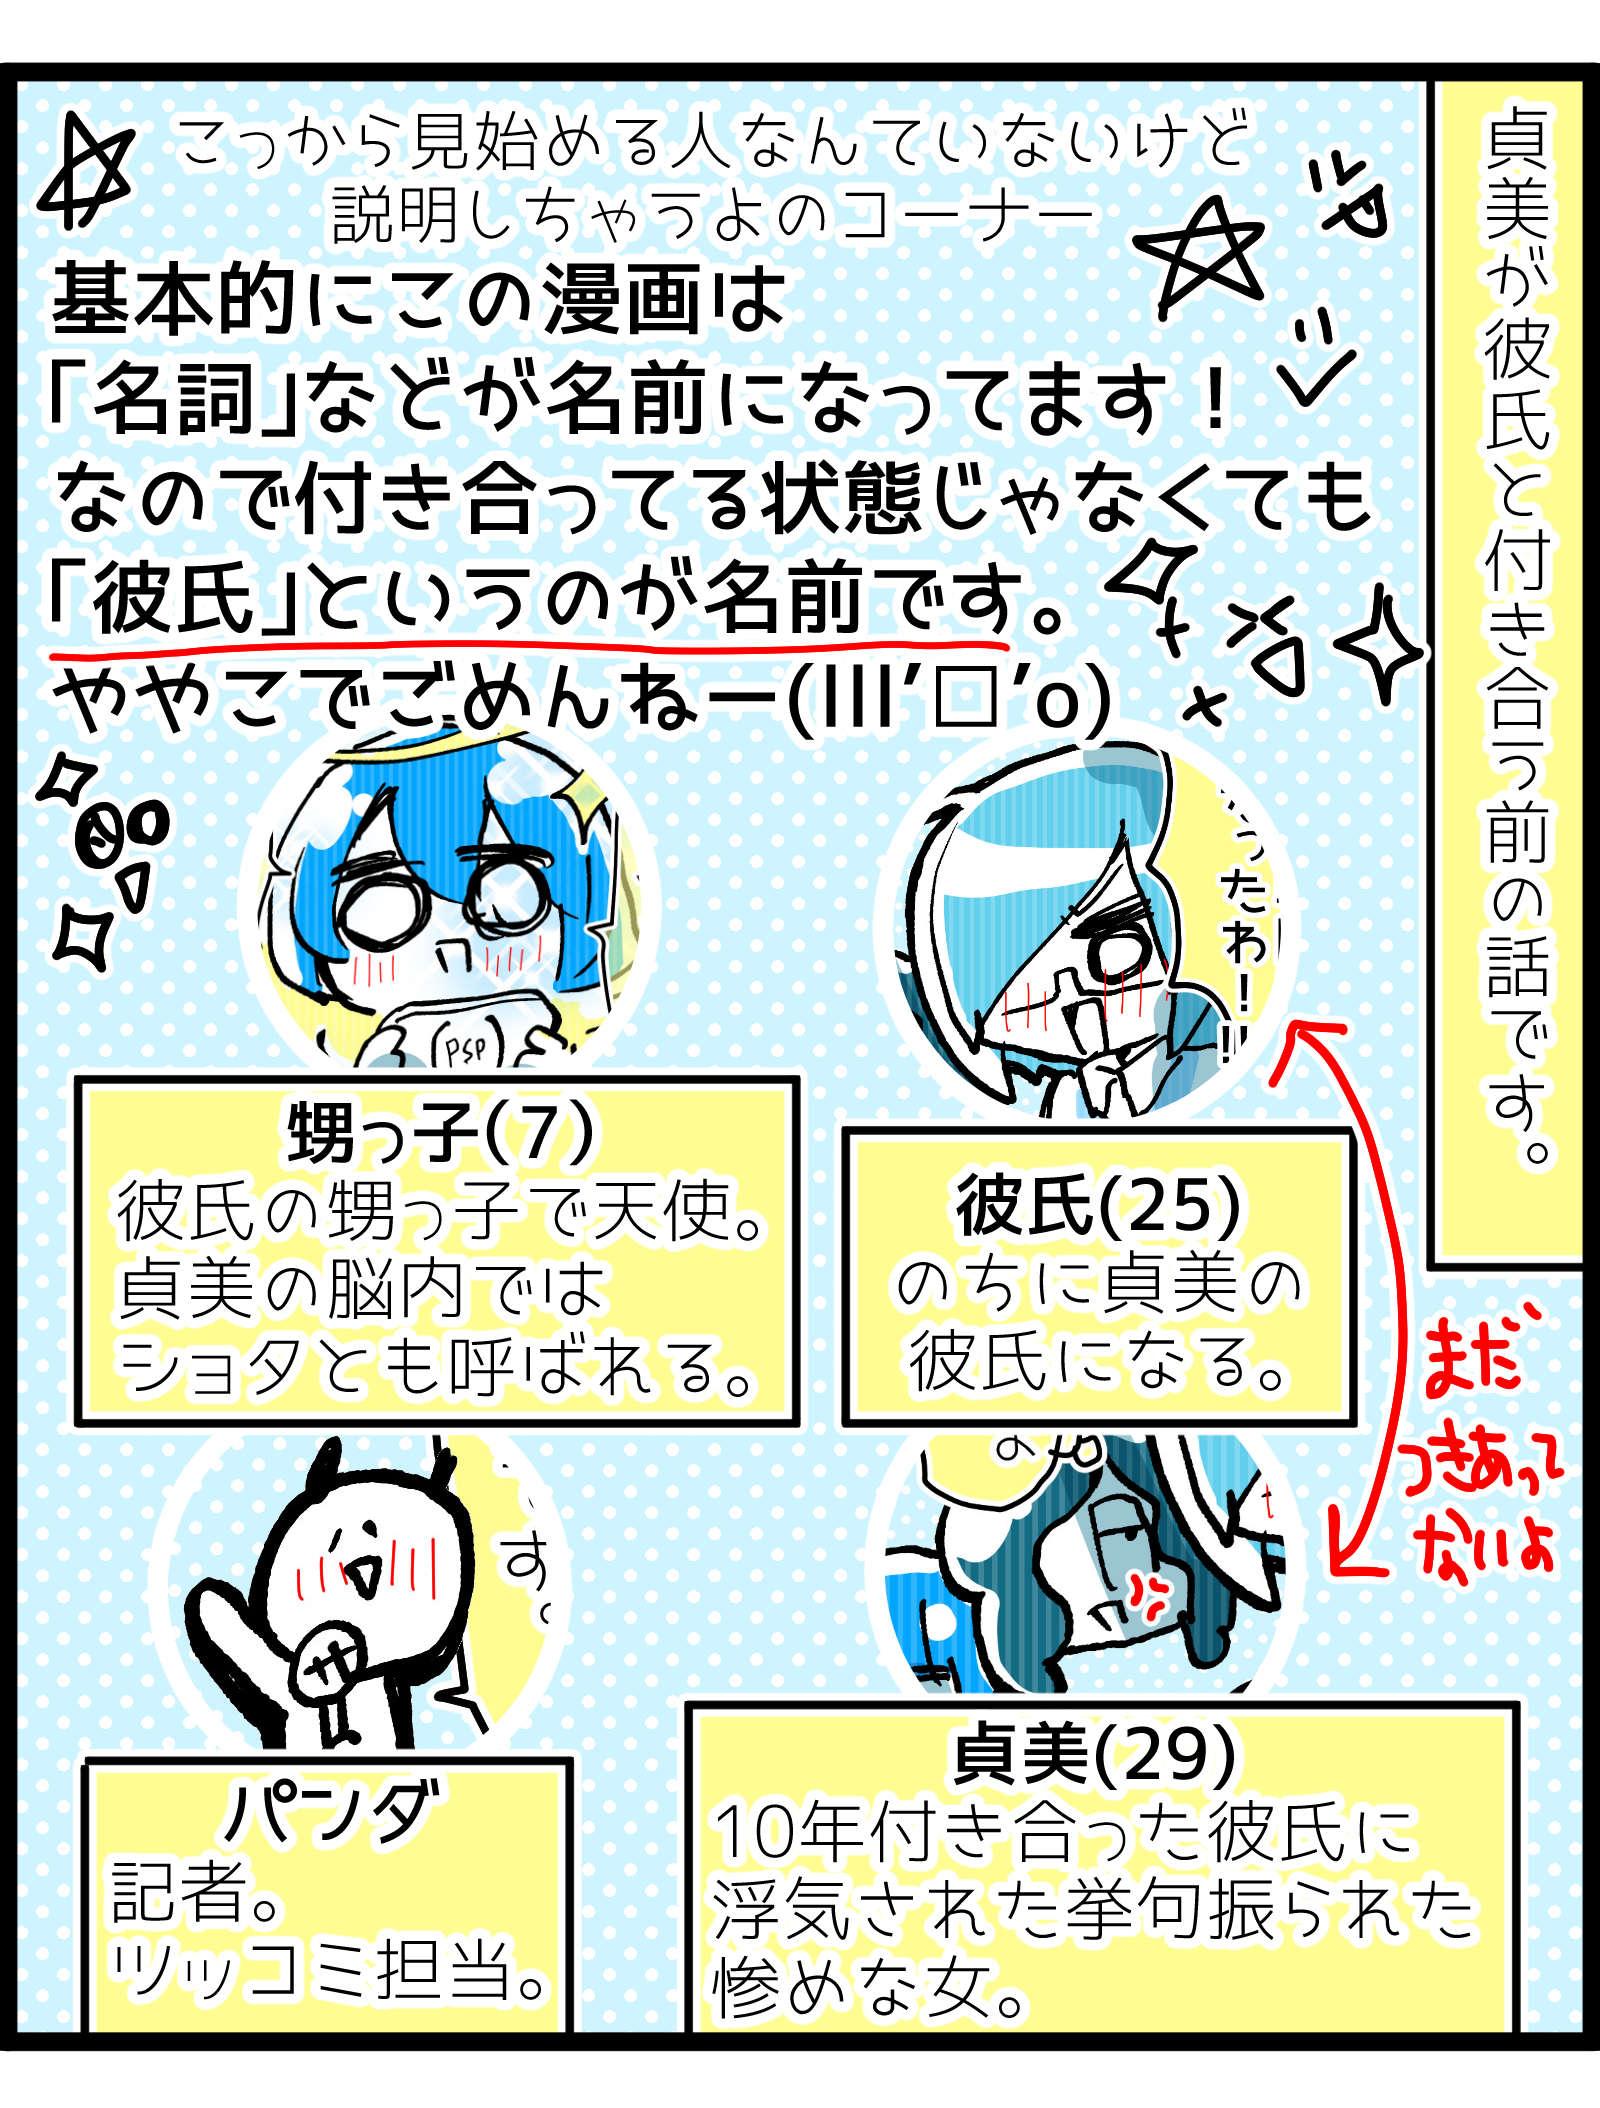 f:id:futagosiroan:20190125153140j:image